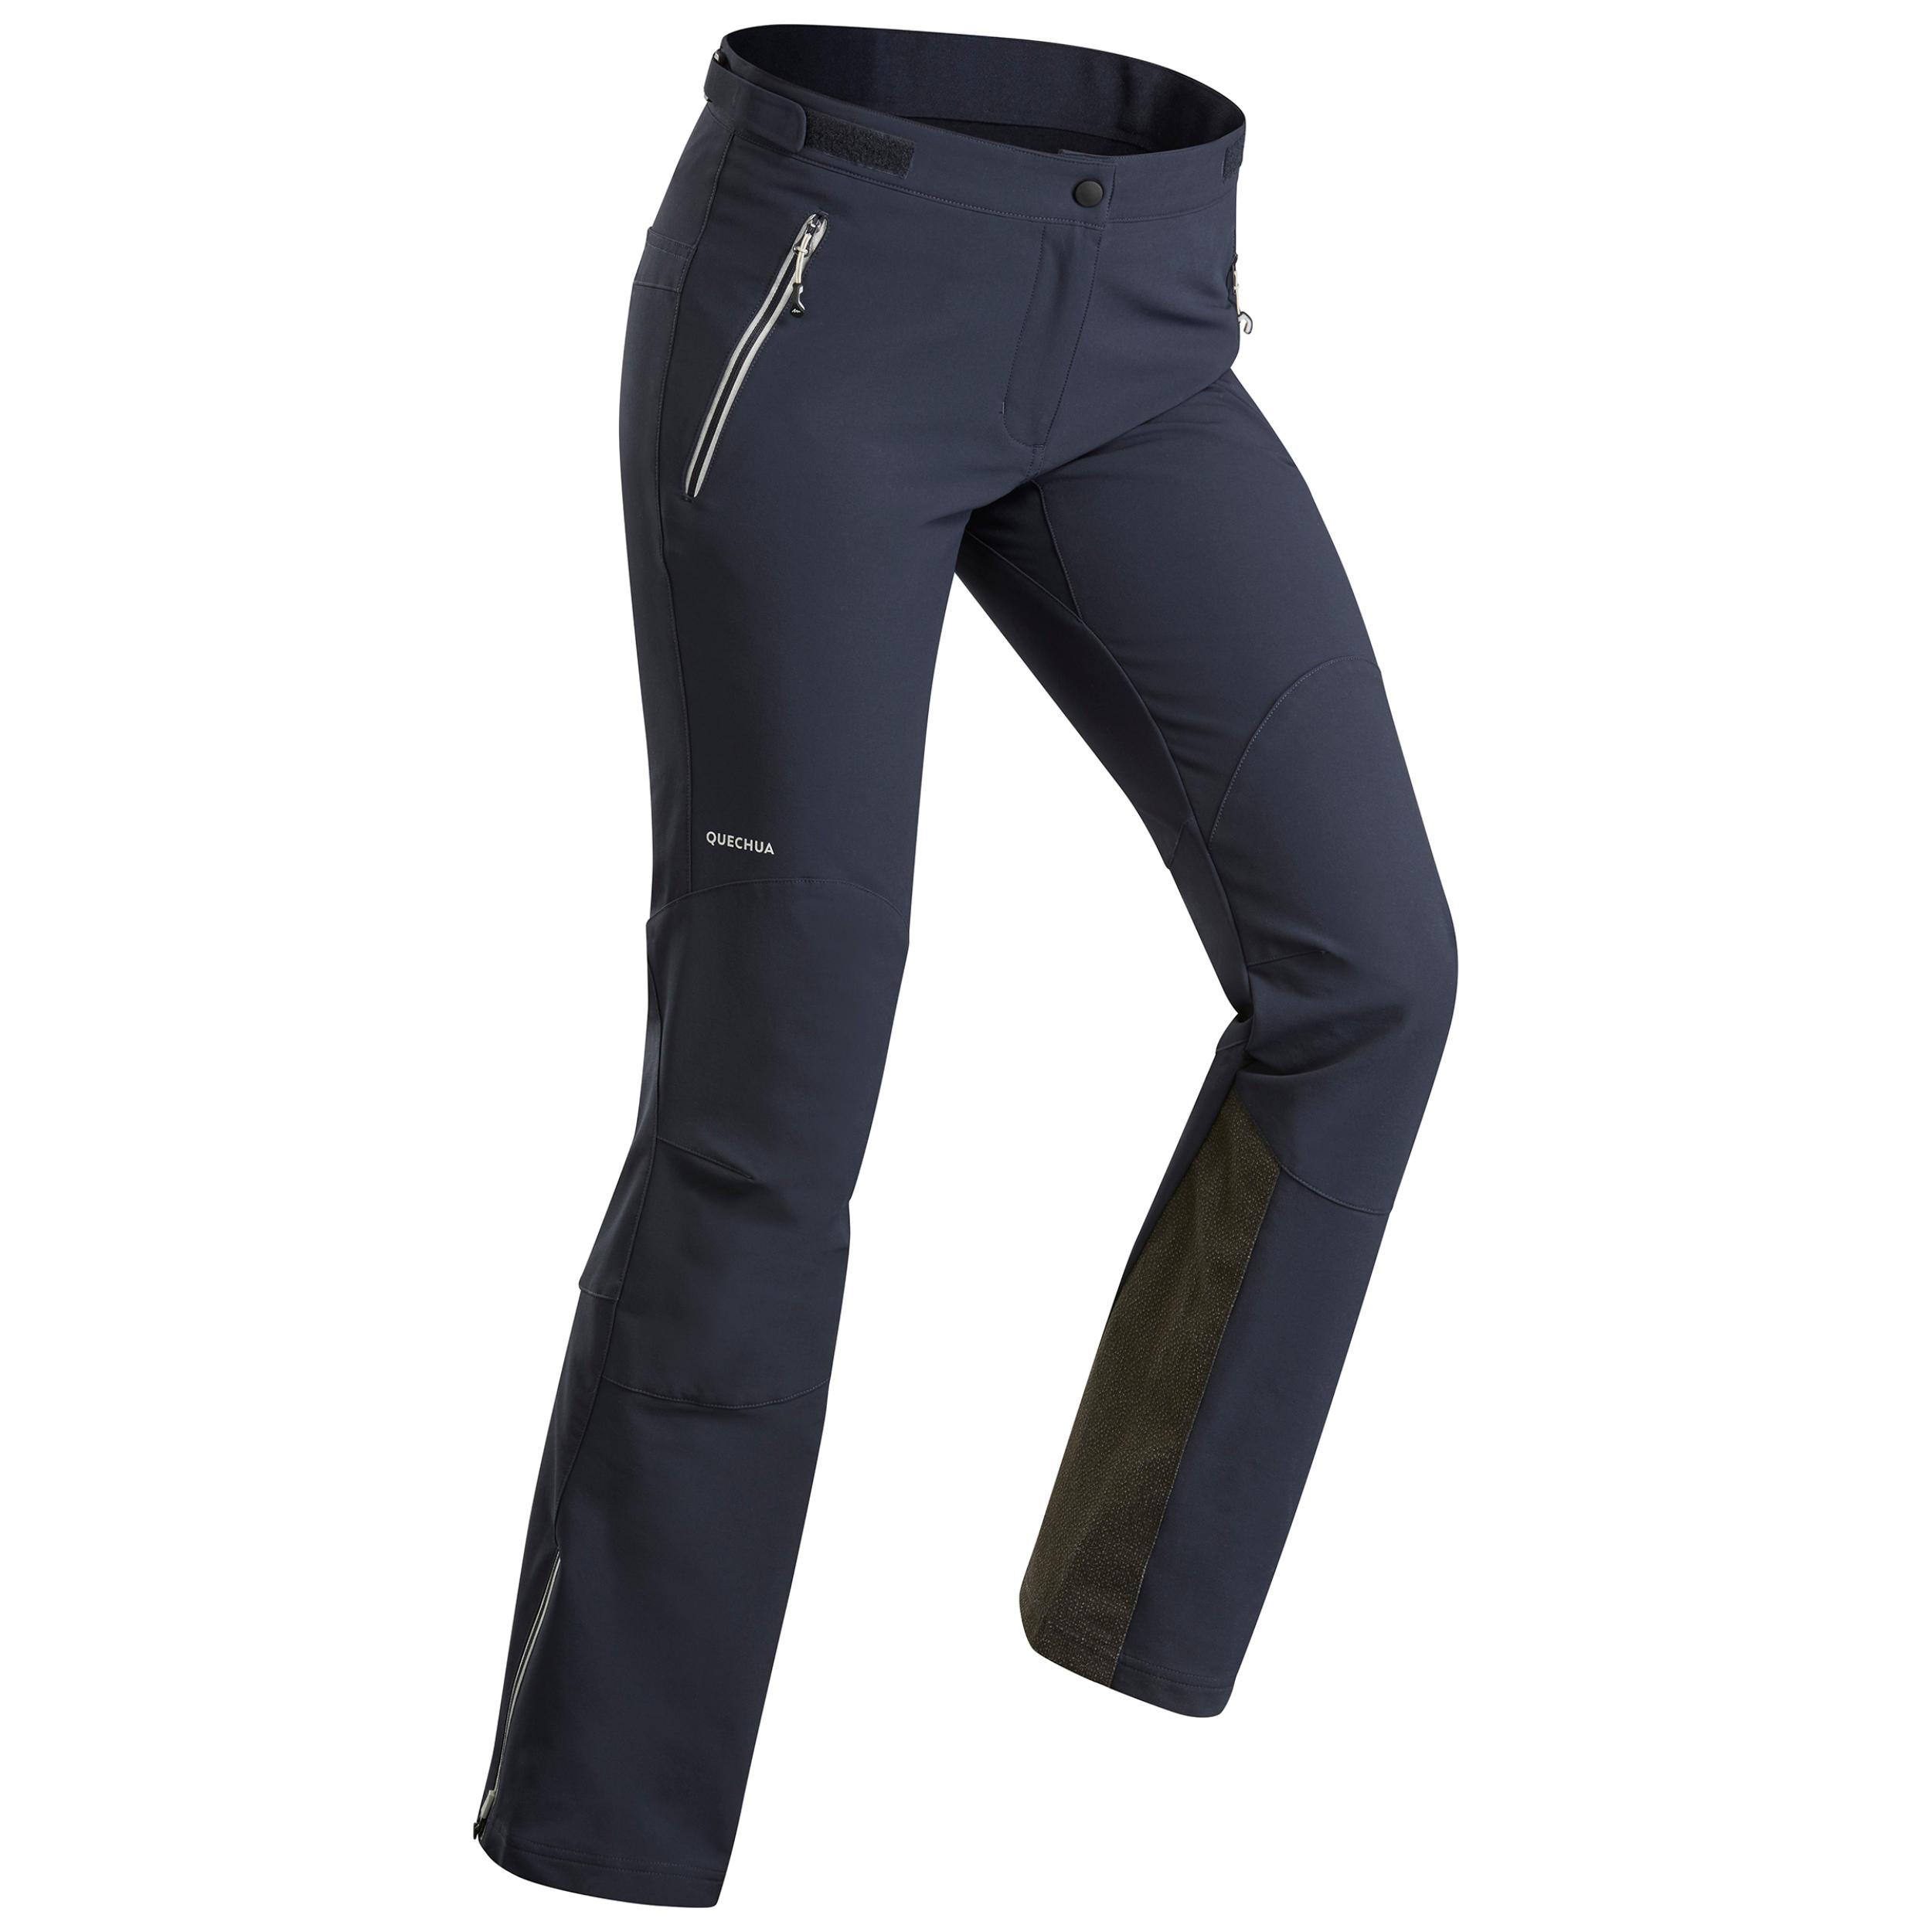 Softshellhose Winterwandern SH900 Warm Wasserabweisend Damen | Sportbekleidung > Sporthosen > Softshellhosen | Quechua